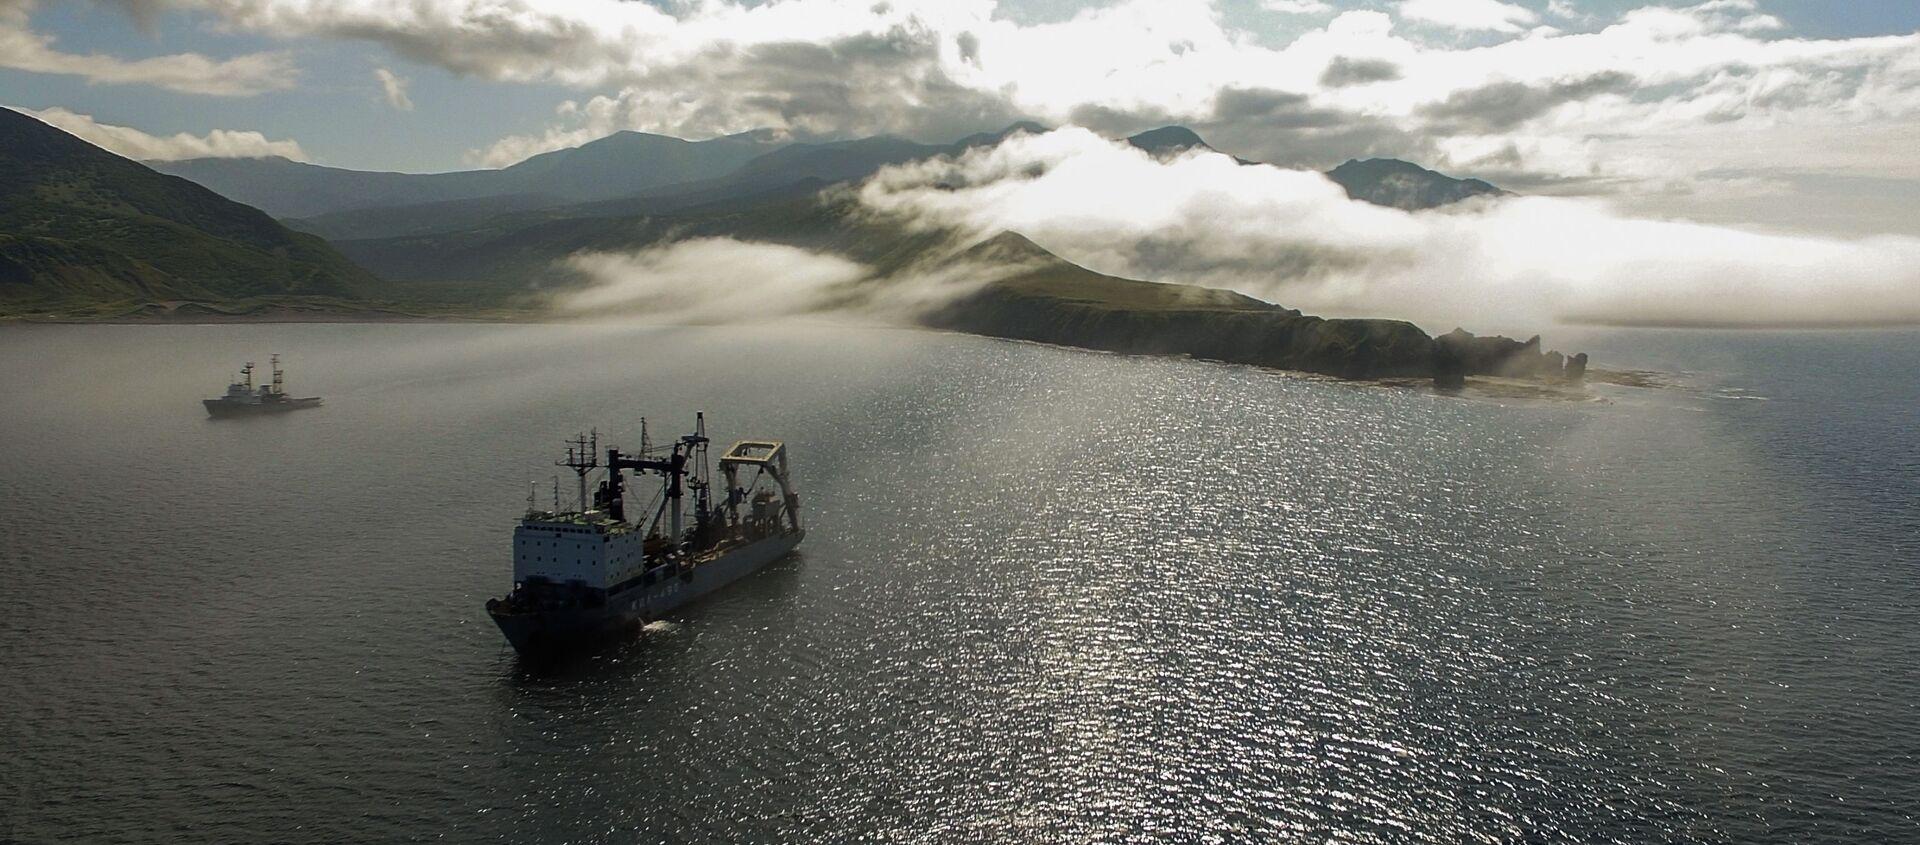 Tàu hậu cần thuộc hạm đội Thái Bình Dương trên vịnh Novokuril của đảo Urup - hòn đảo thuộc nhóm đảo phía nam quần đảo Kuril - Sputnik Việt Nam, 1920, 11.03.2021